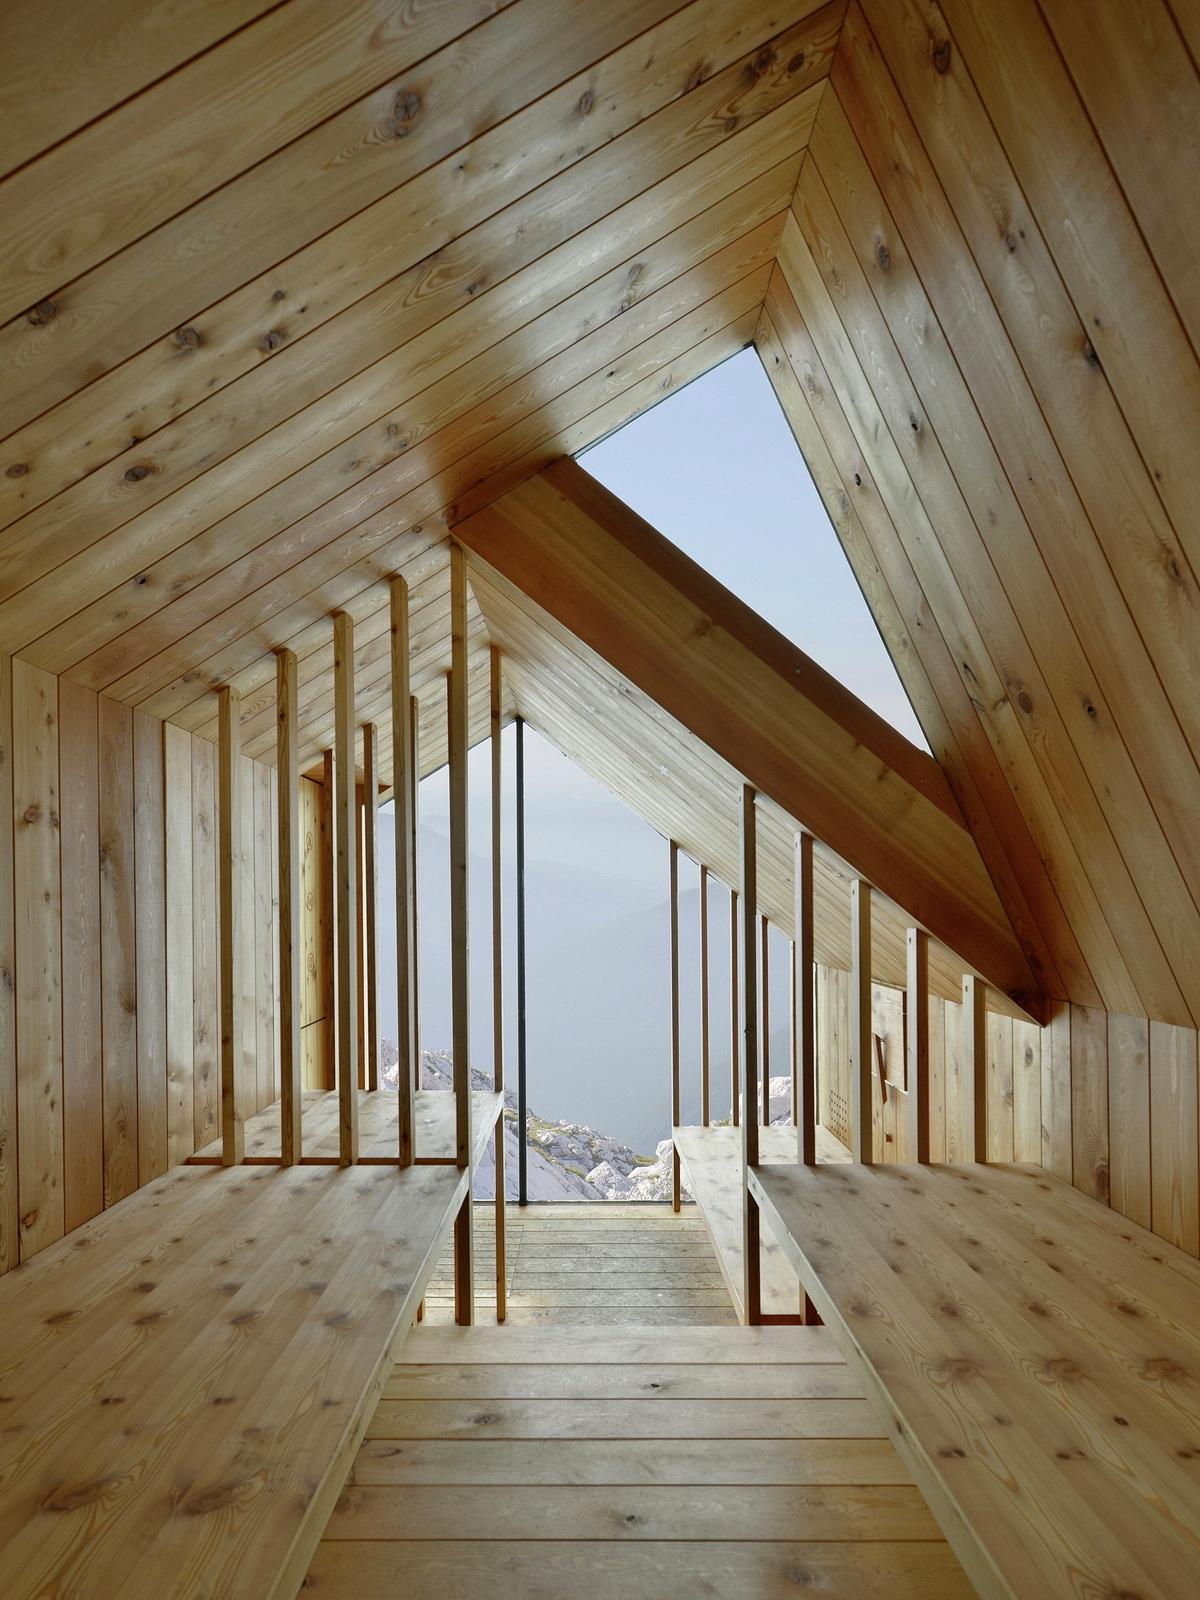 Un rifugio alpino nelle alpi di kamnik in slovenia for Asheville nc cabin vista sulle montagne